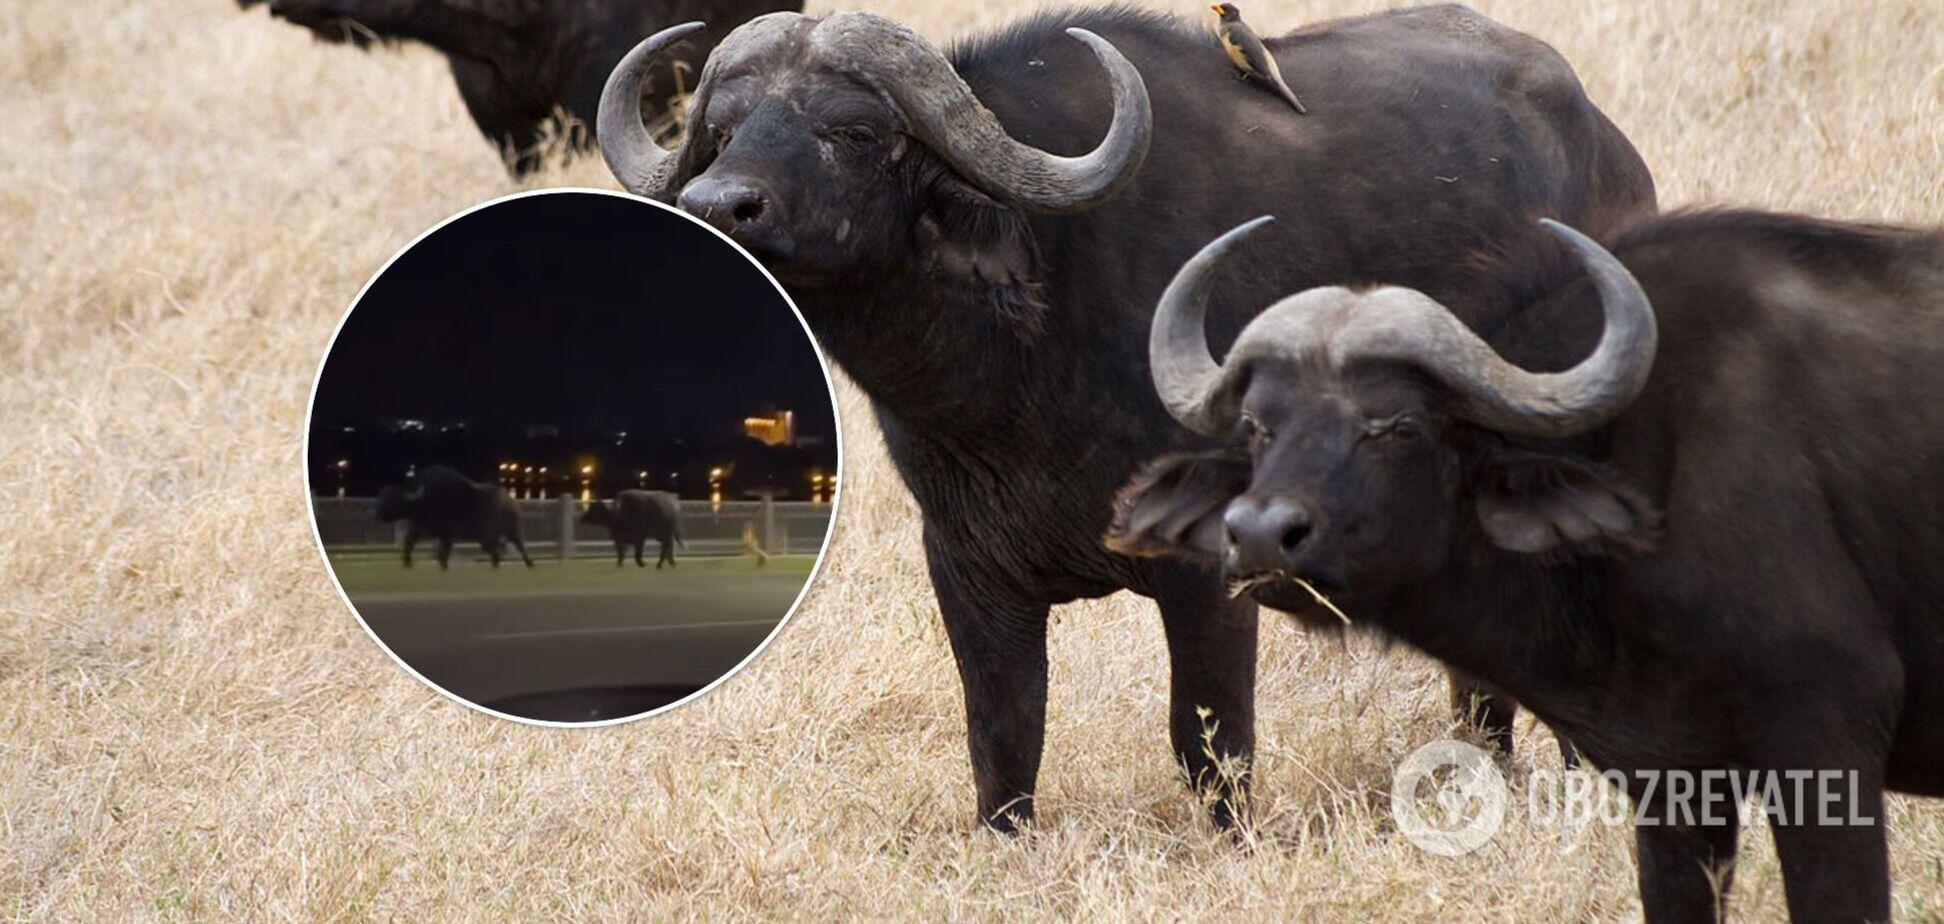 У Тернополі буйволи втекли із зоопарку і розгулювали вулицями. Відео